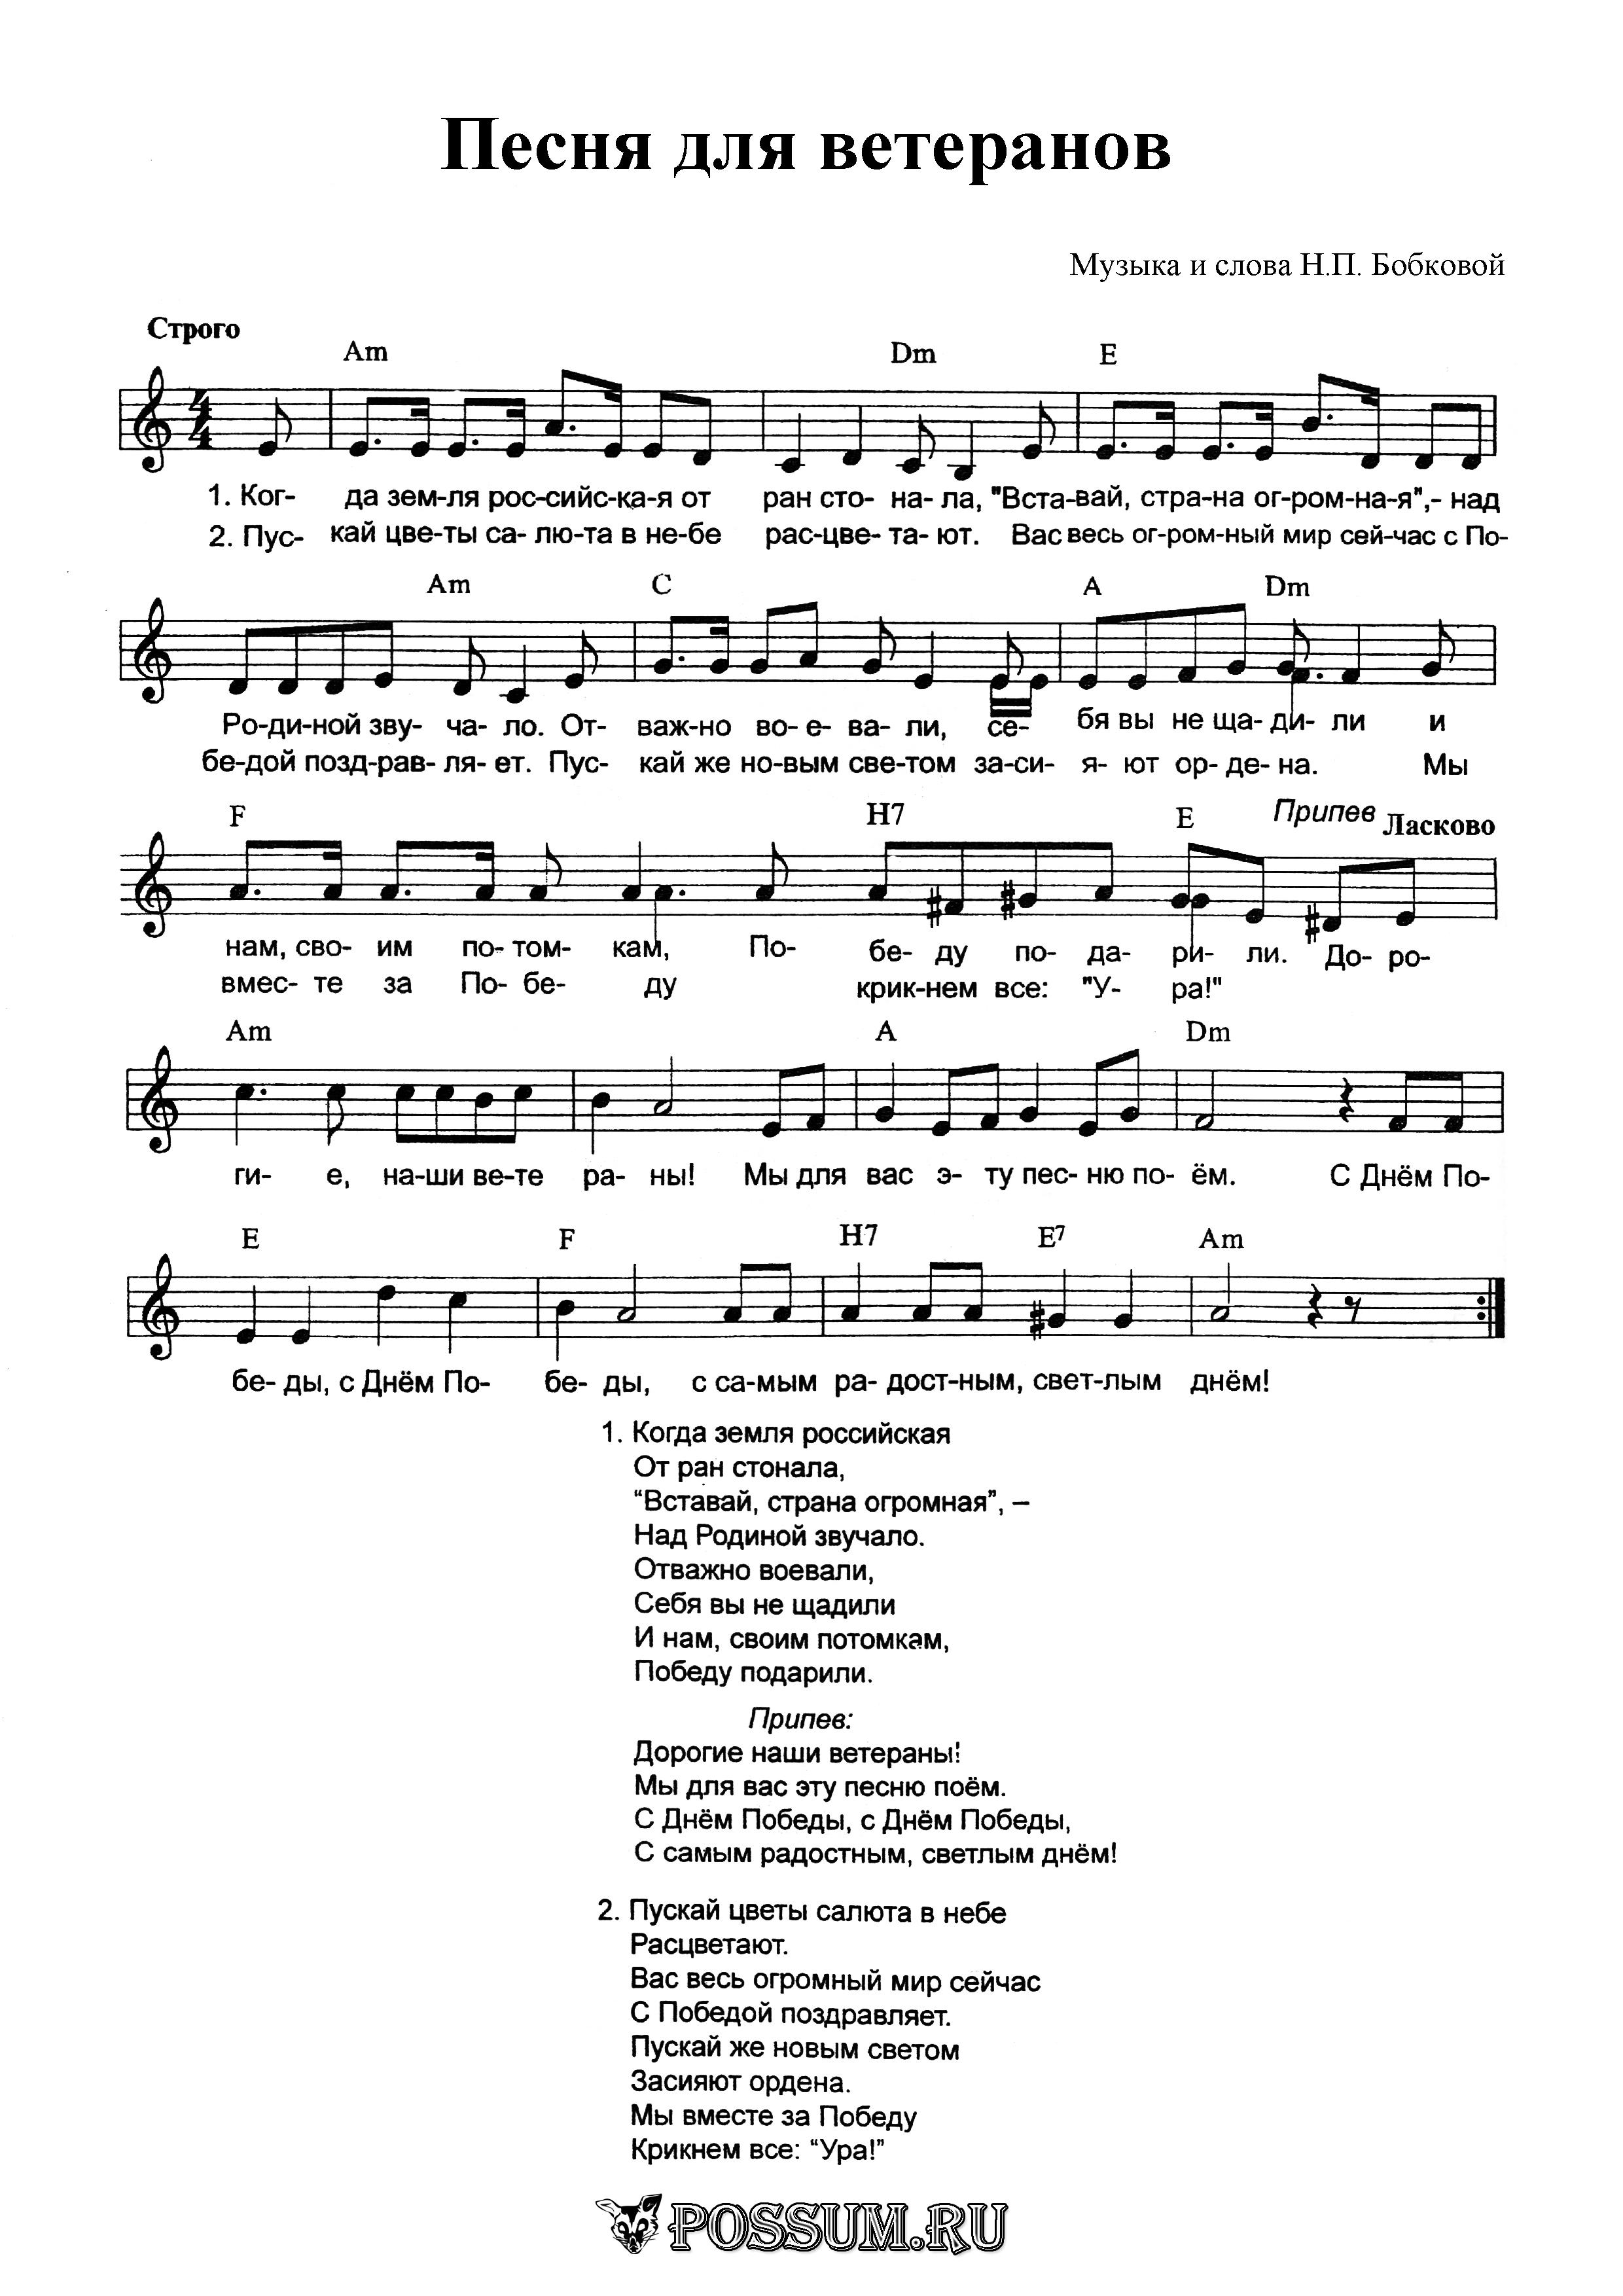 valevskaya-veterani-minuvshey-voyni-tekst